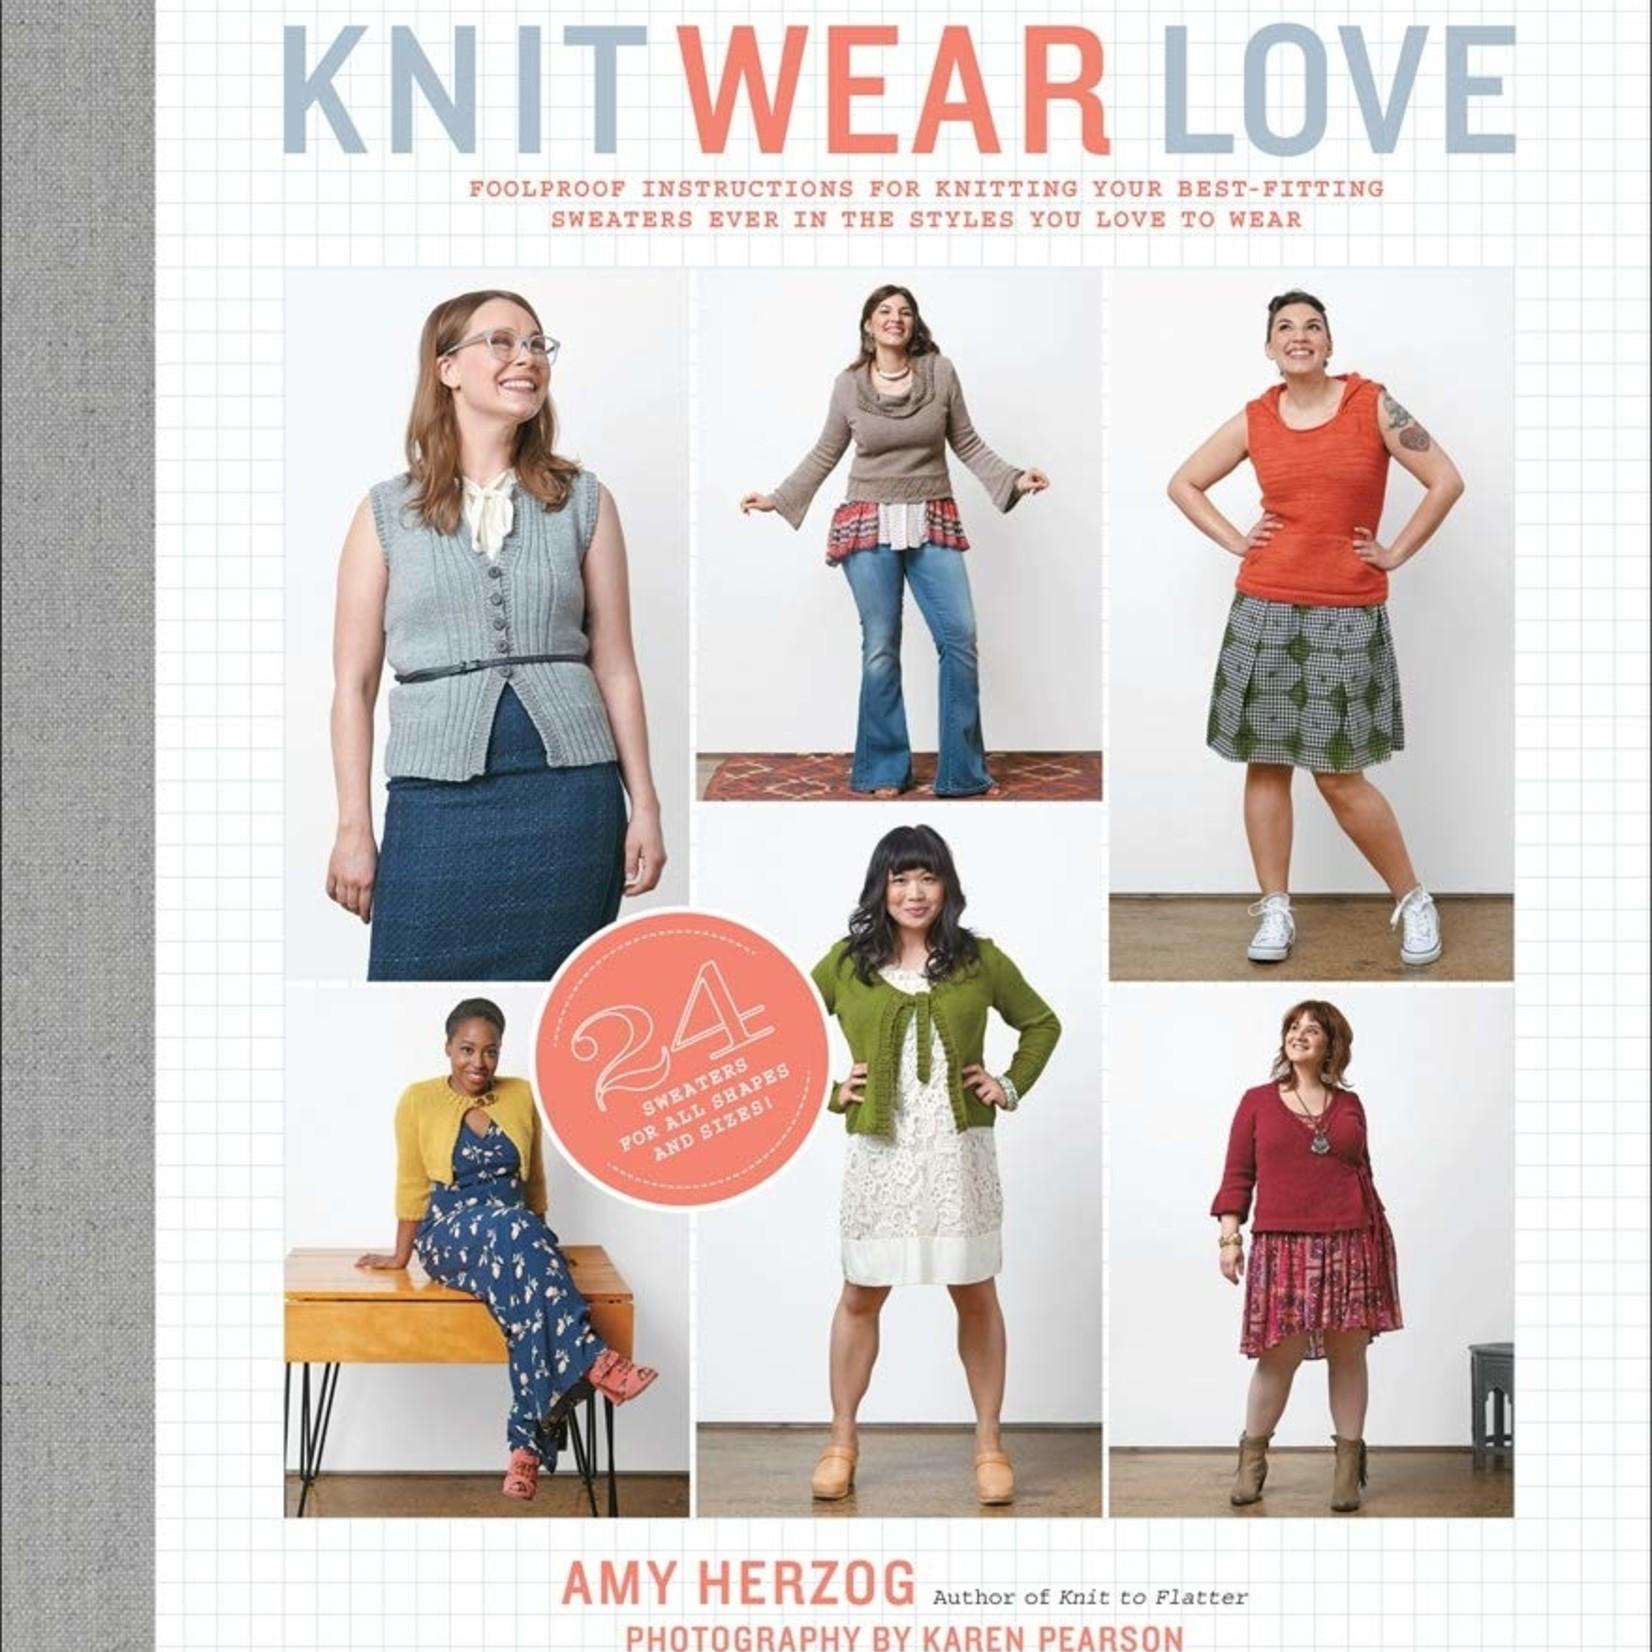 Amy Herzog - Knit Wear Love